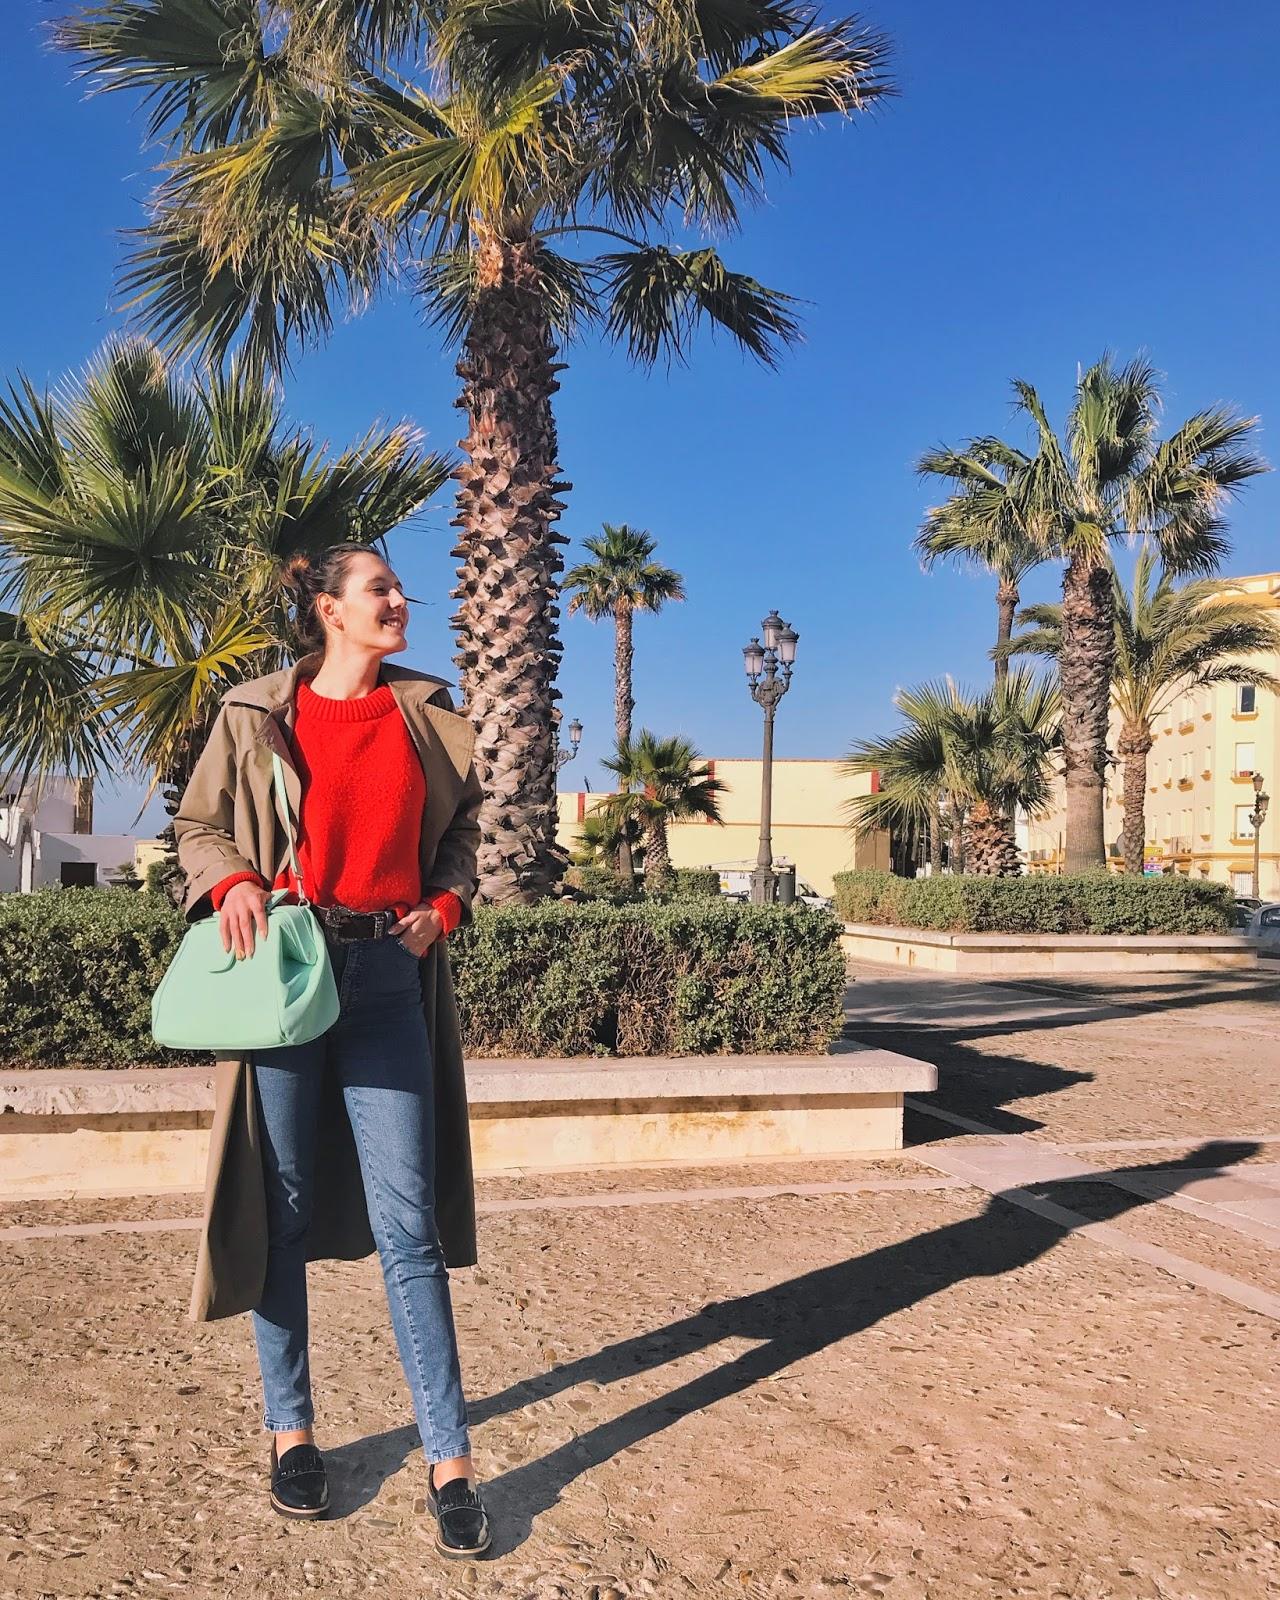 OOTD in Cadiz